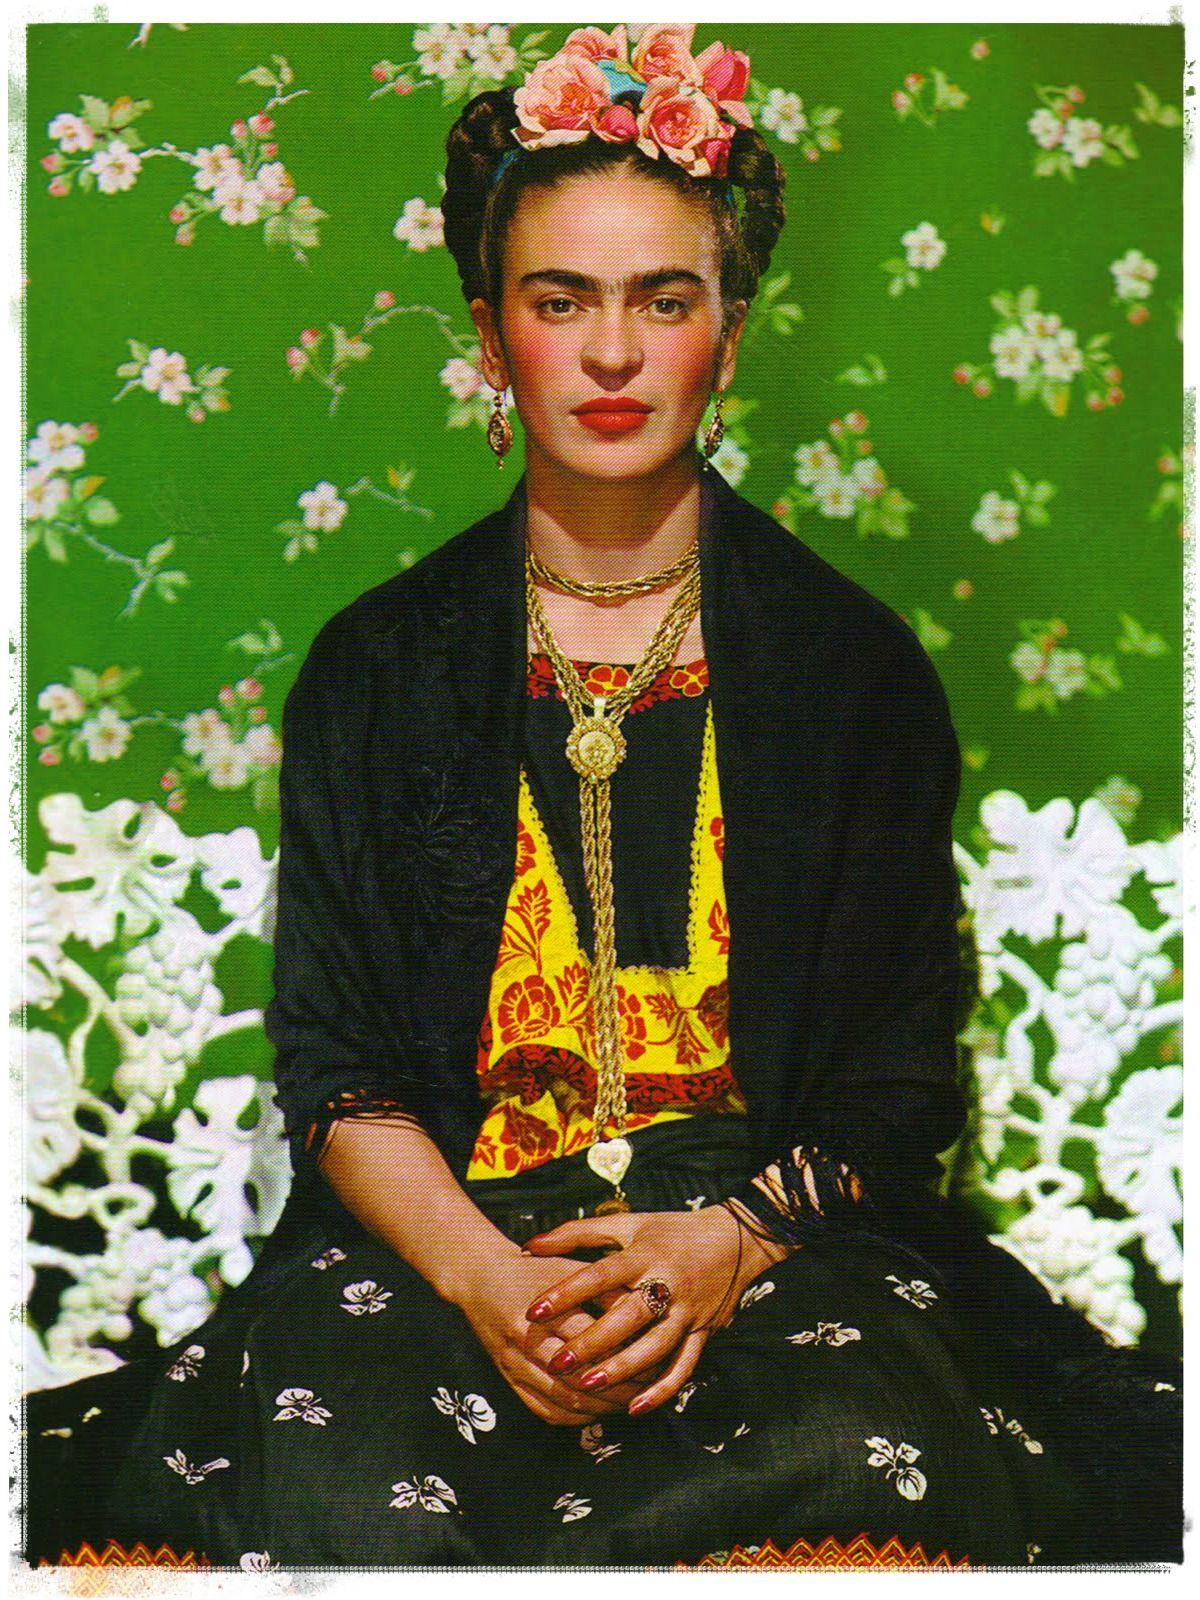 HAPPY BIRTHDAY FRIDA KAHLO  (July 6, 1907 – July 13, 1954)